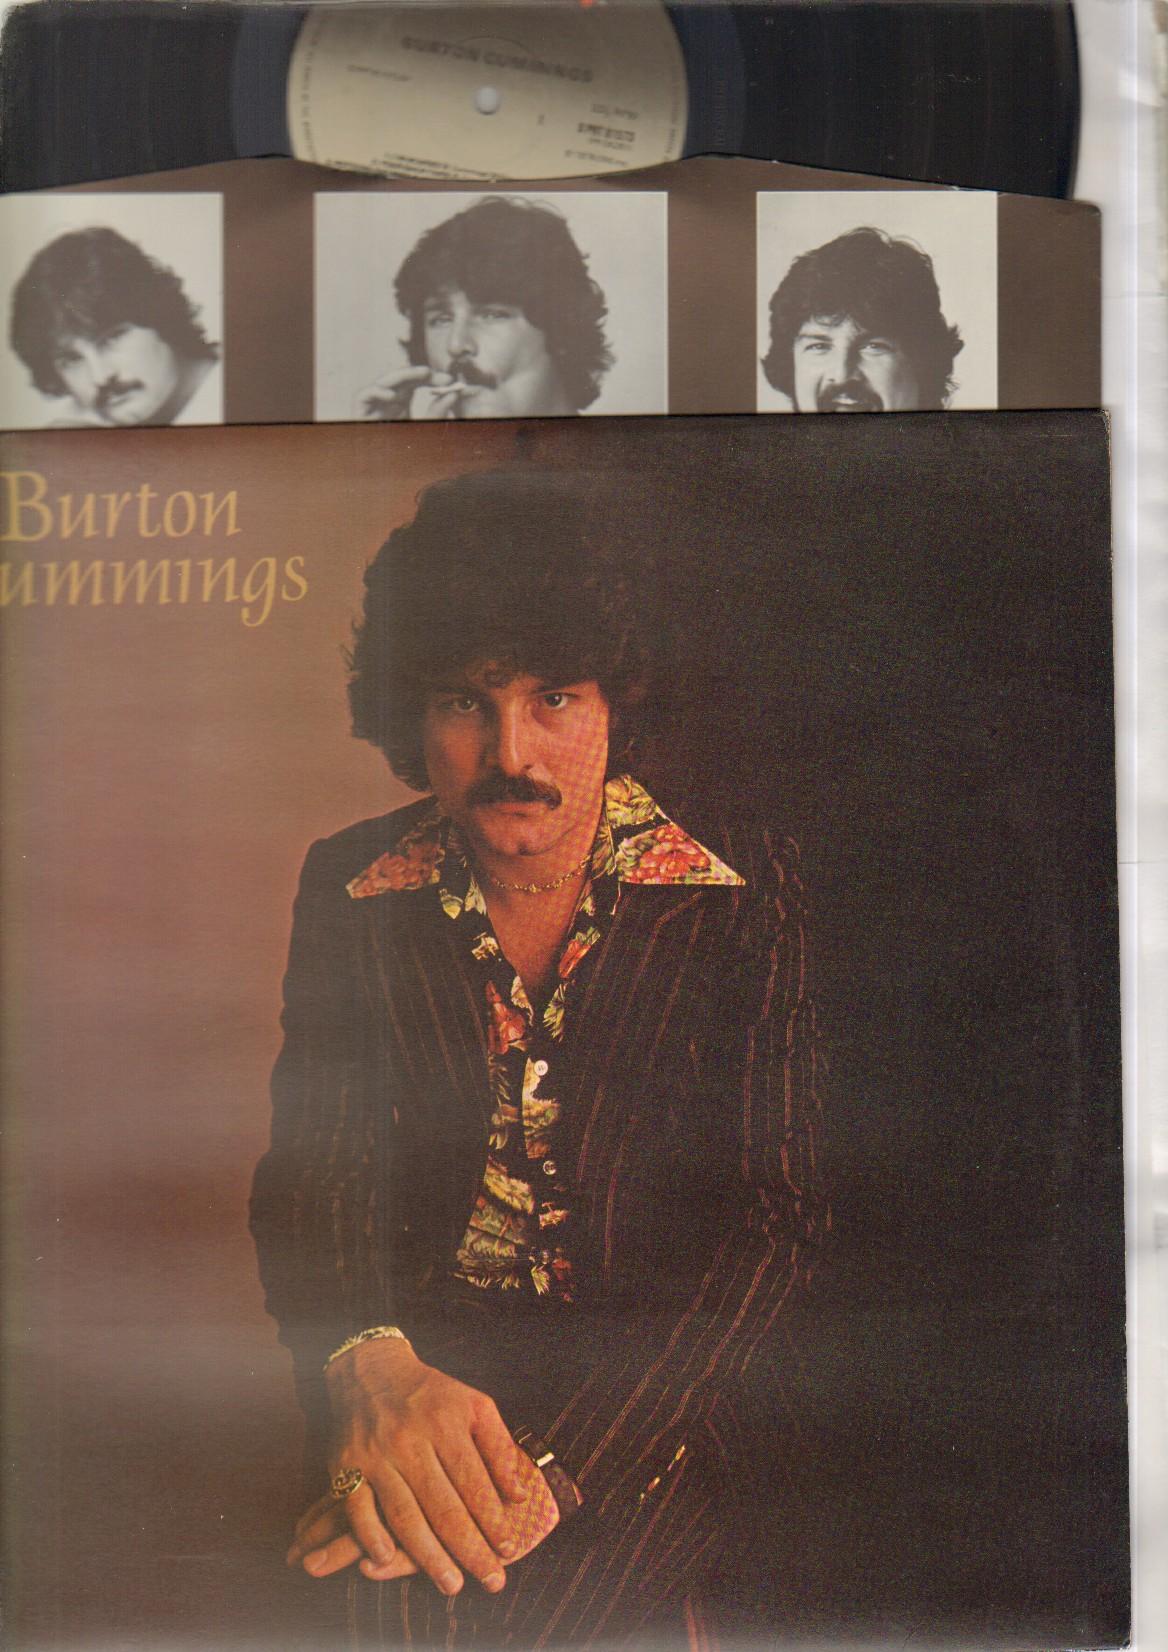 BURTON CUMMINGS LP